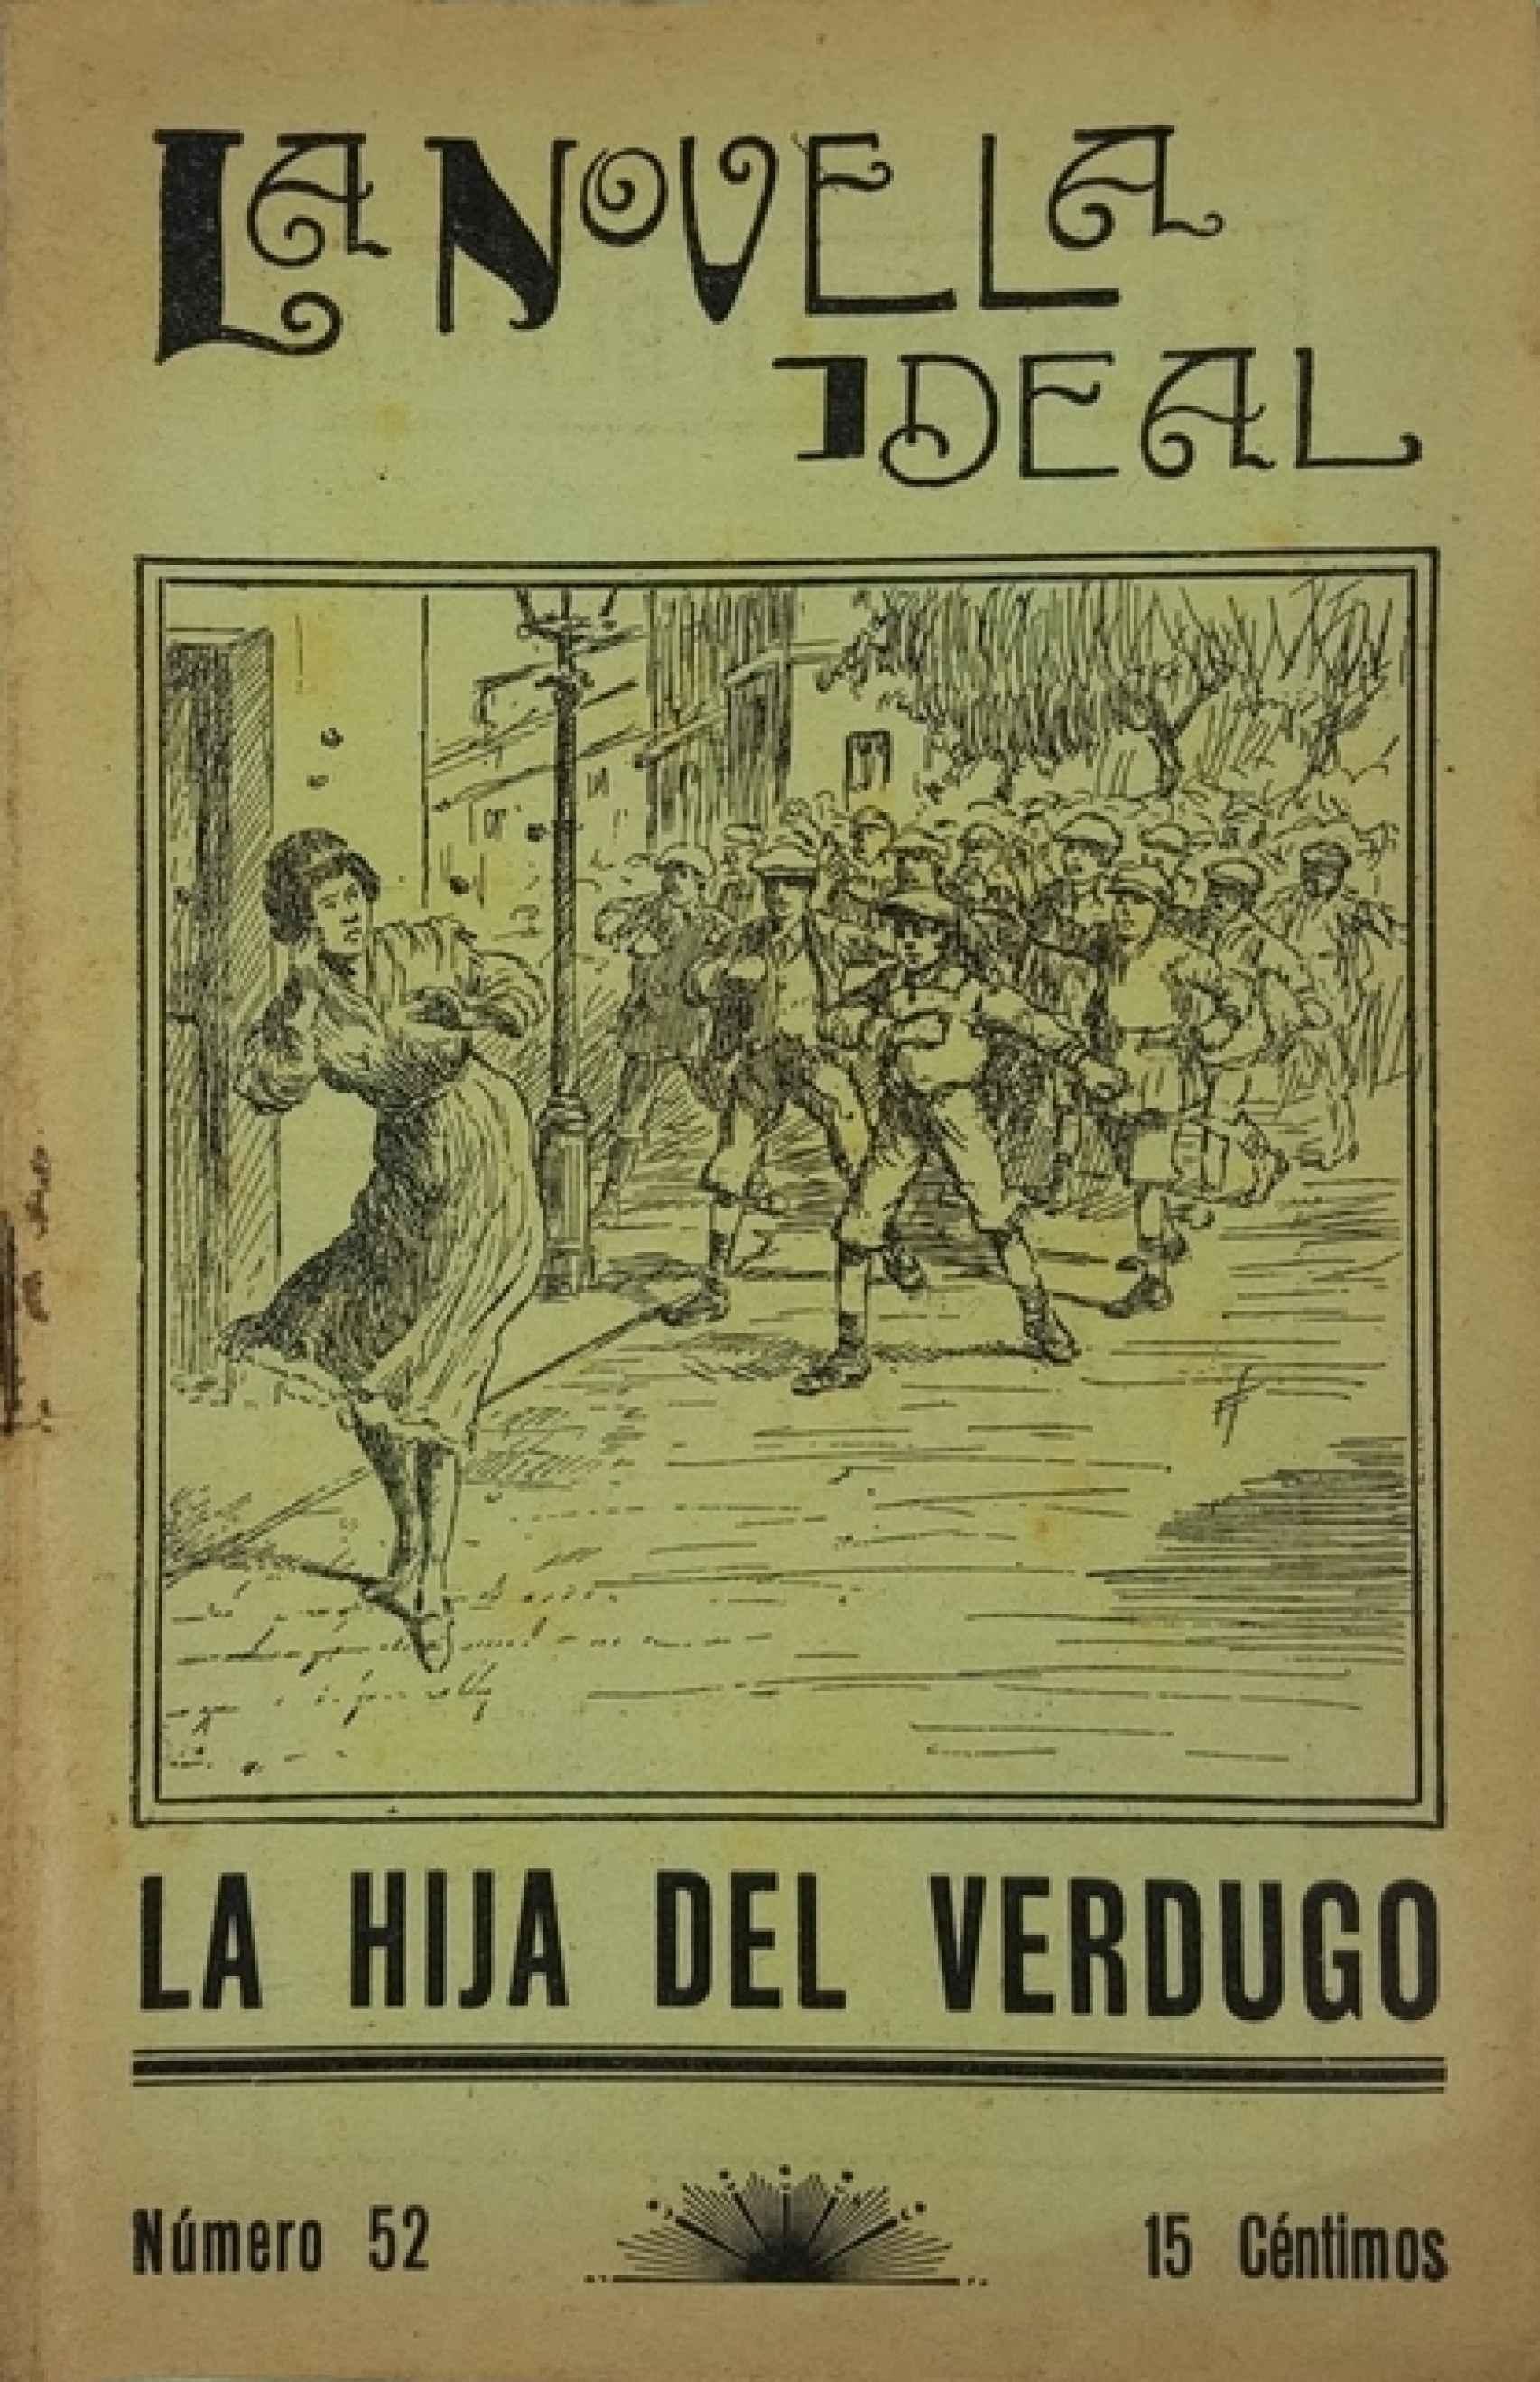 'La hija del verdugo', escrita por Federica Montseny y publicada en 'La Novela Ideal' en 1927.